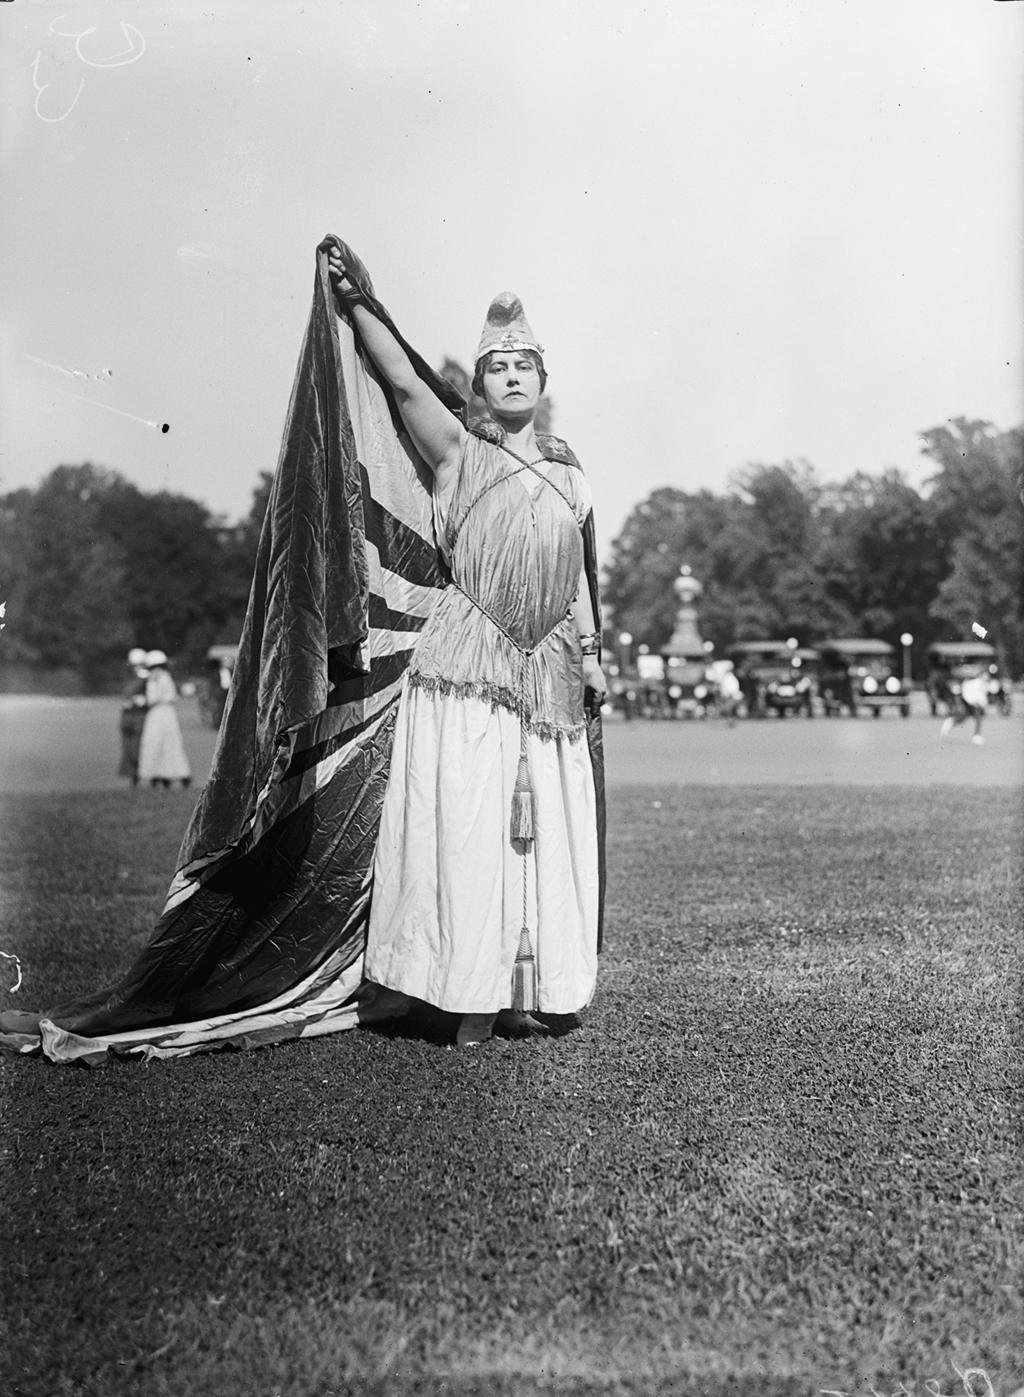 Photograph via Harris & Ewing Collection (Library of Congress).